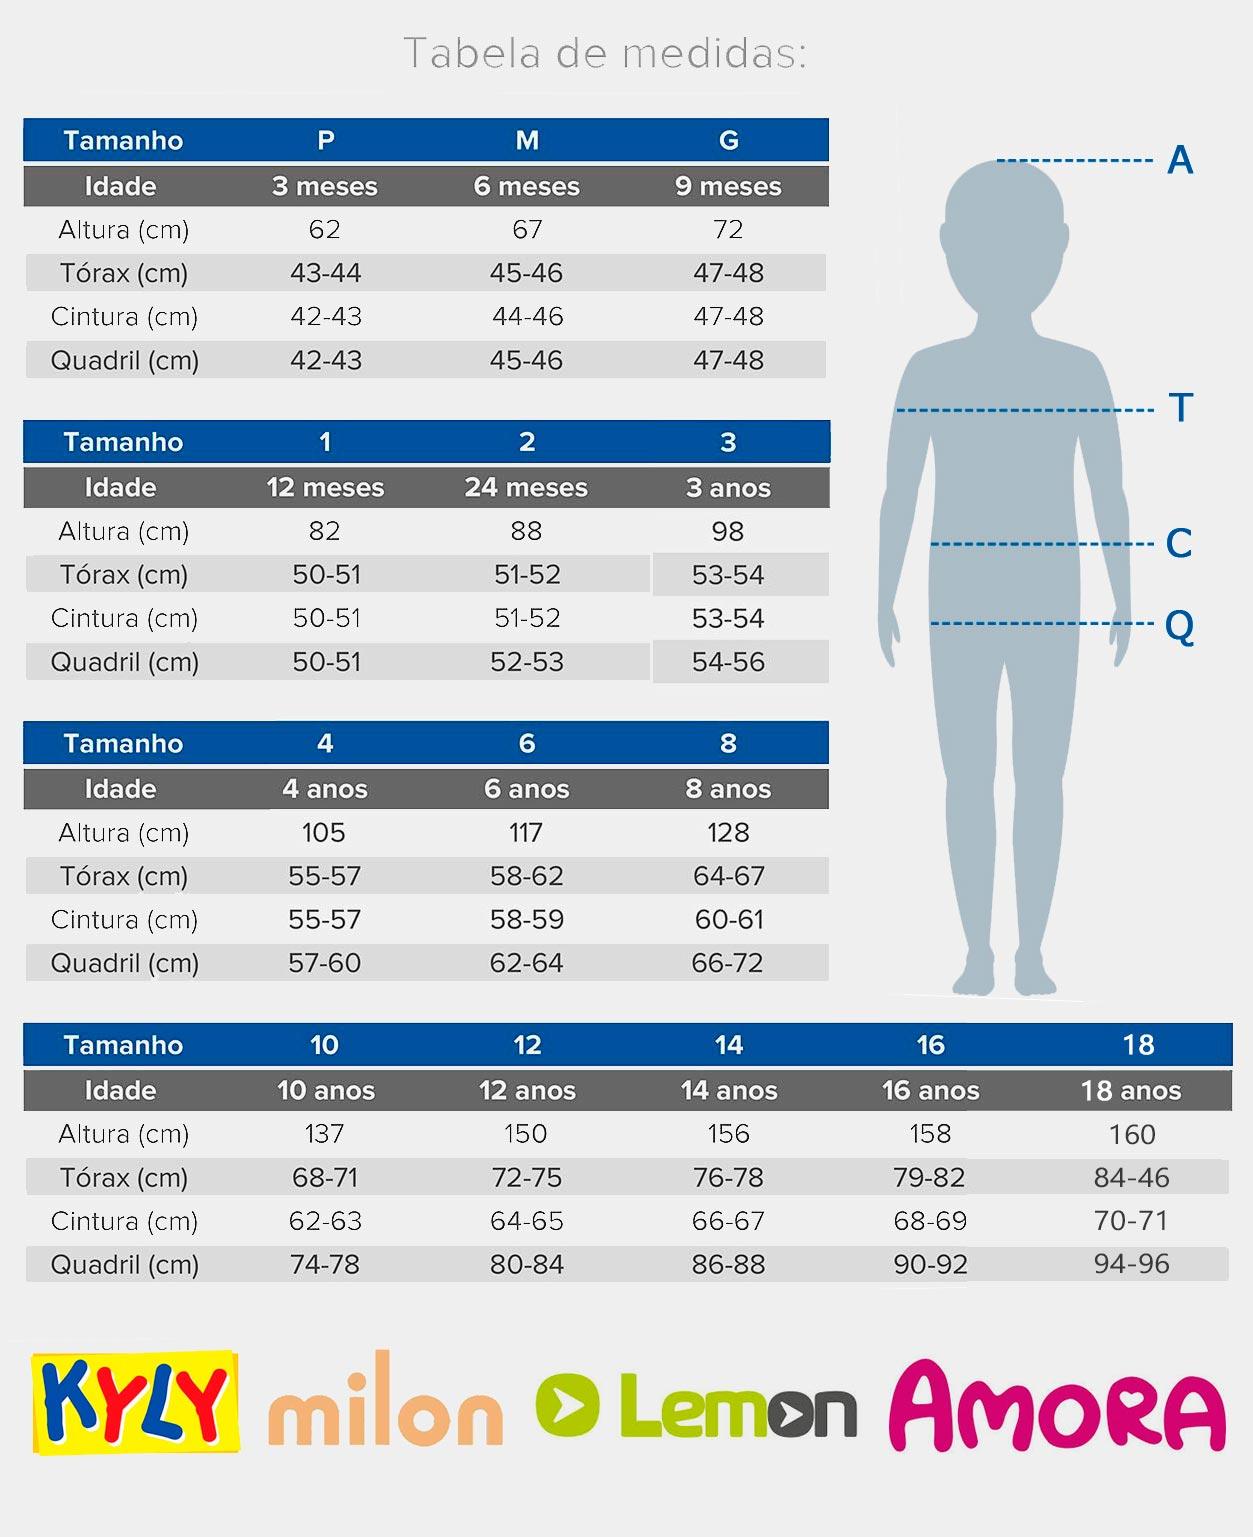 Vestido Infantil Curto Cinza Hey - Amora: Tabela de medidas